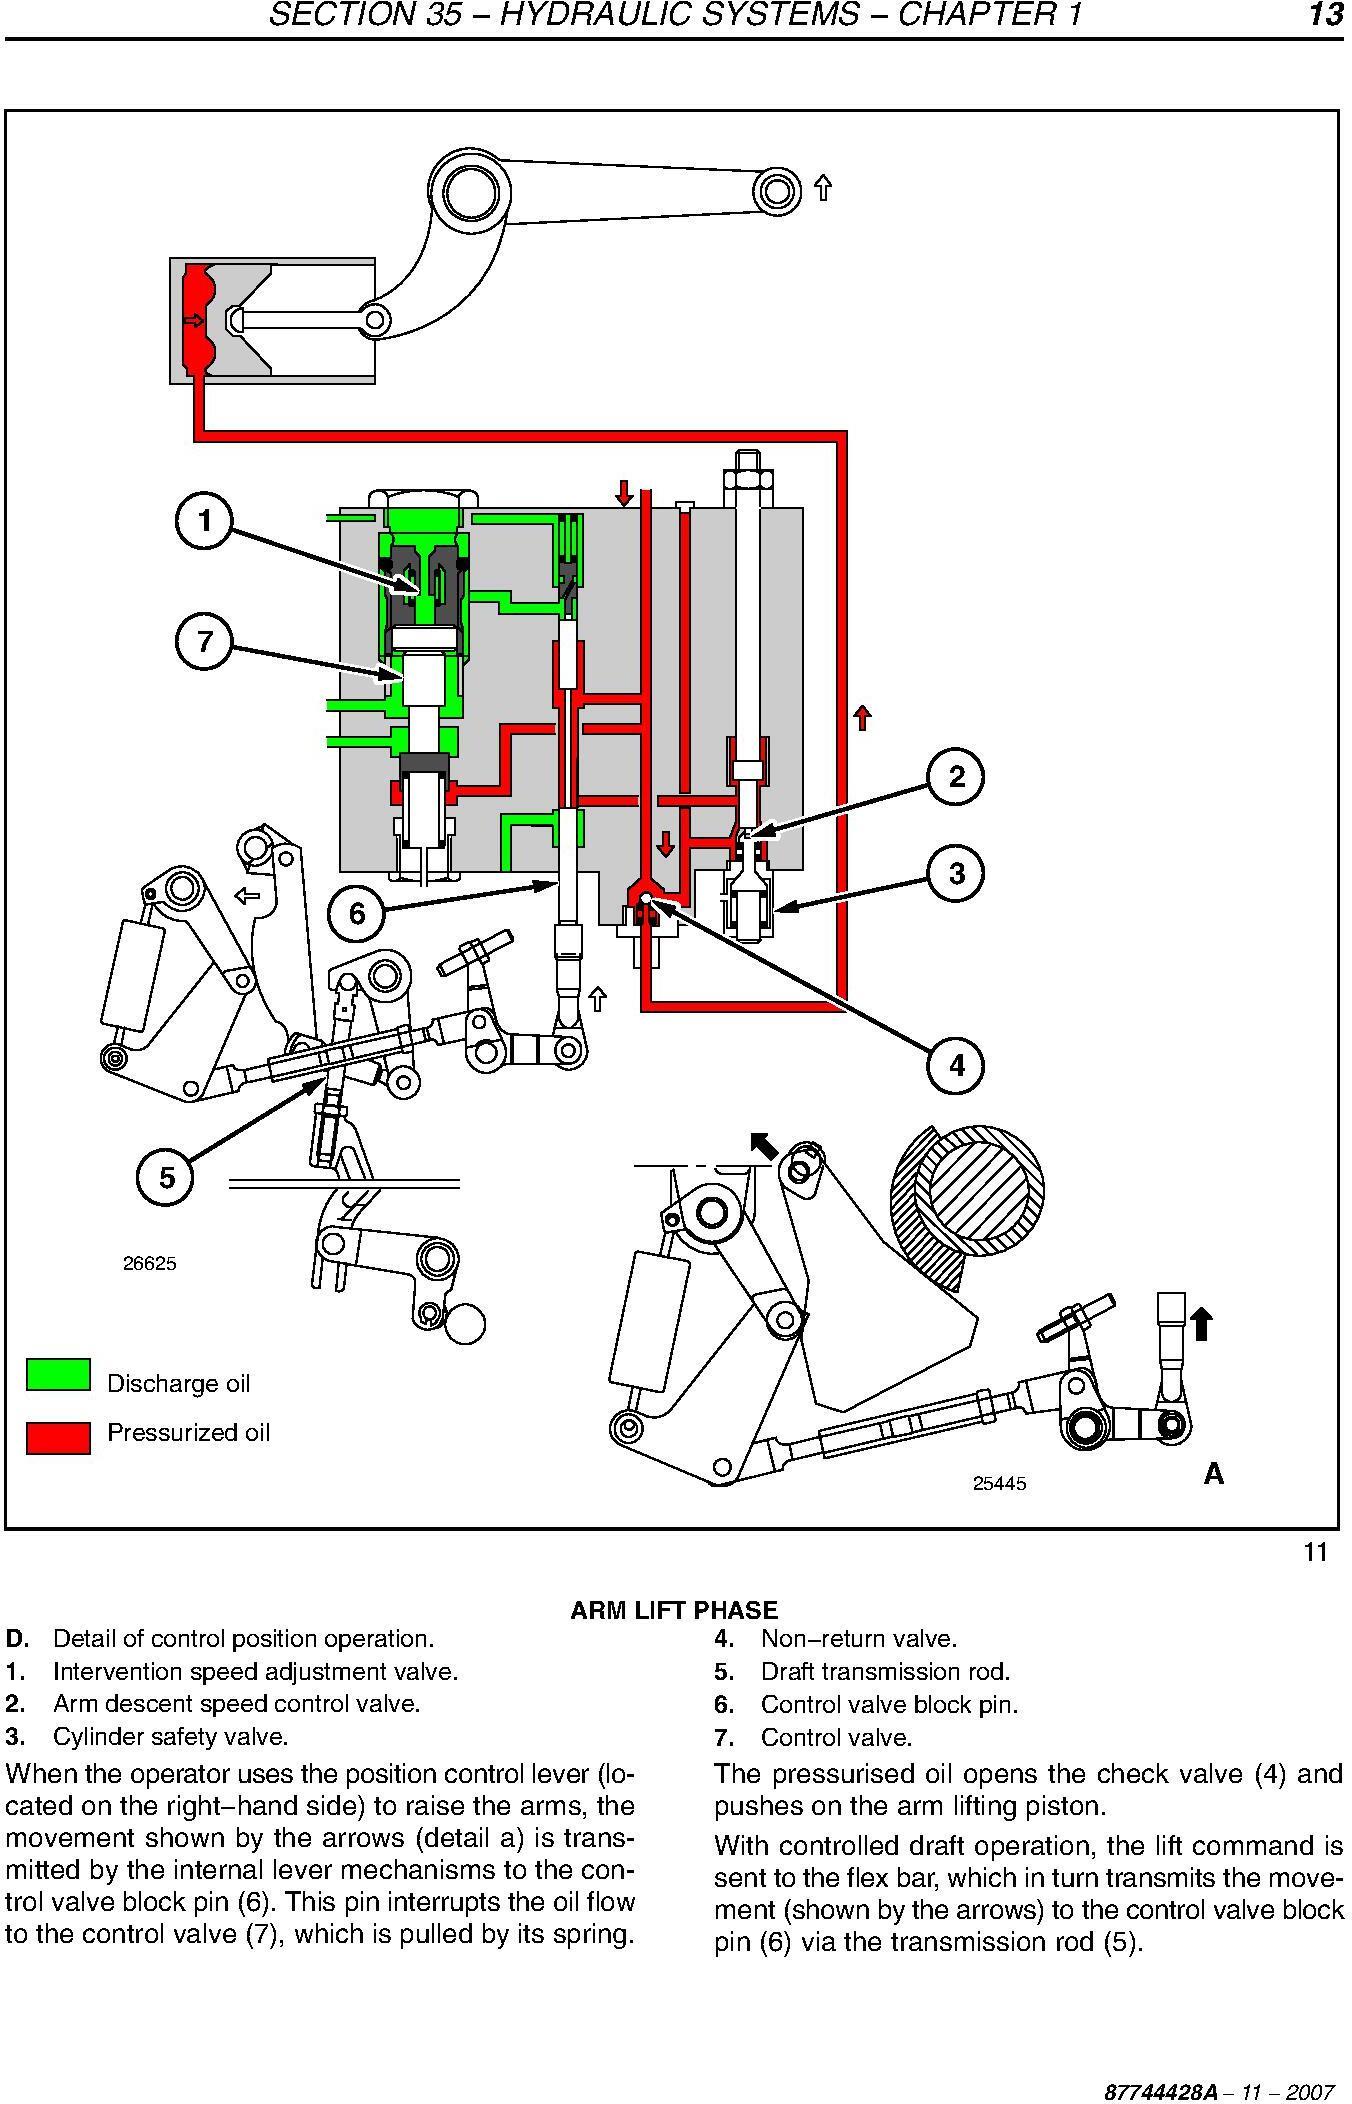 New Holland 4020, T4030, T4040, T4050 Tractors Service Manual - 3